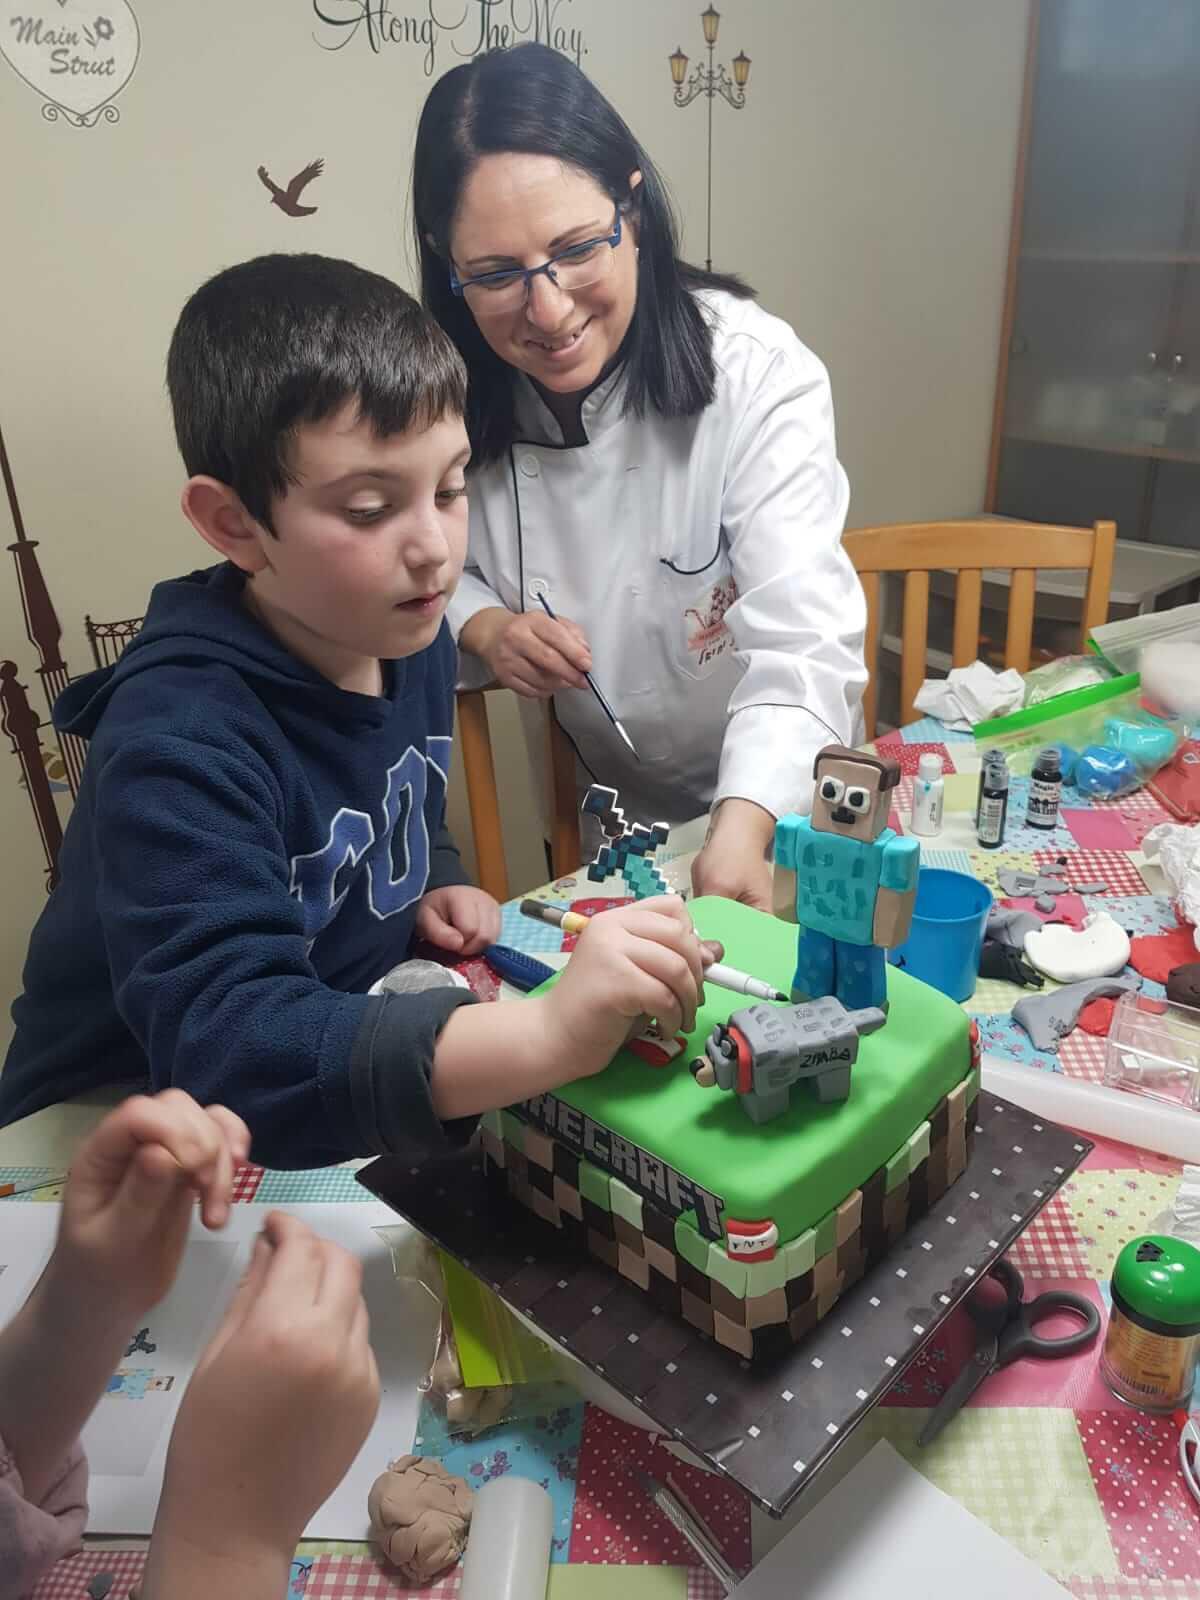 יצירת עוגת בצק סוכר ליום הולדת, לפי סקיצת מיינקראפט שצייר ילד היום הולדת. סדנת בצק סוכר אישית ליומהולדת לפי סקיצה אישית של מיינקראפט